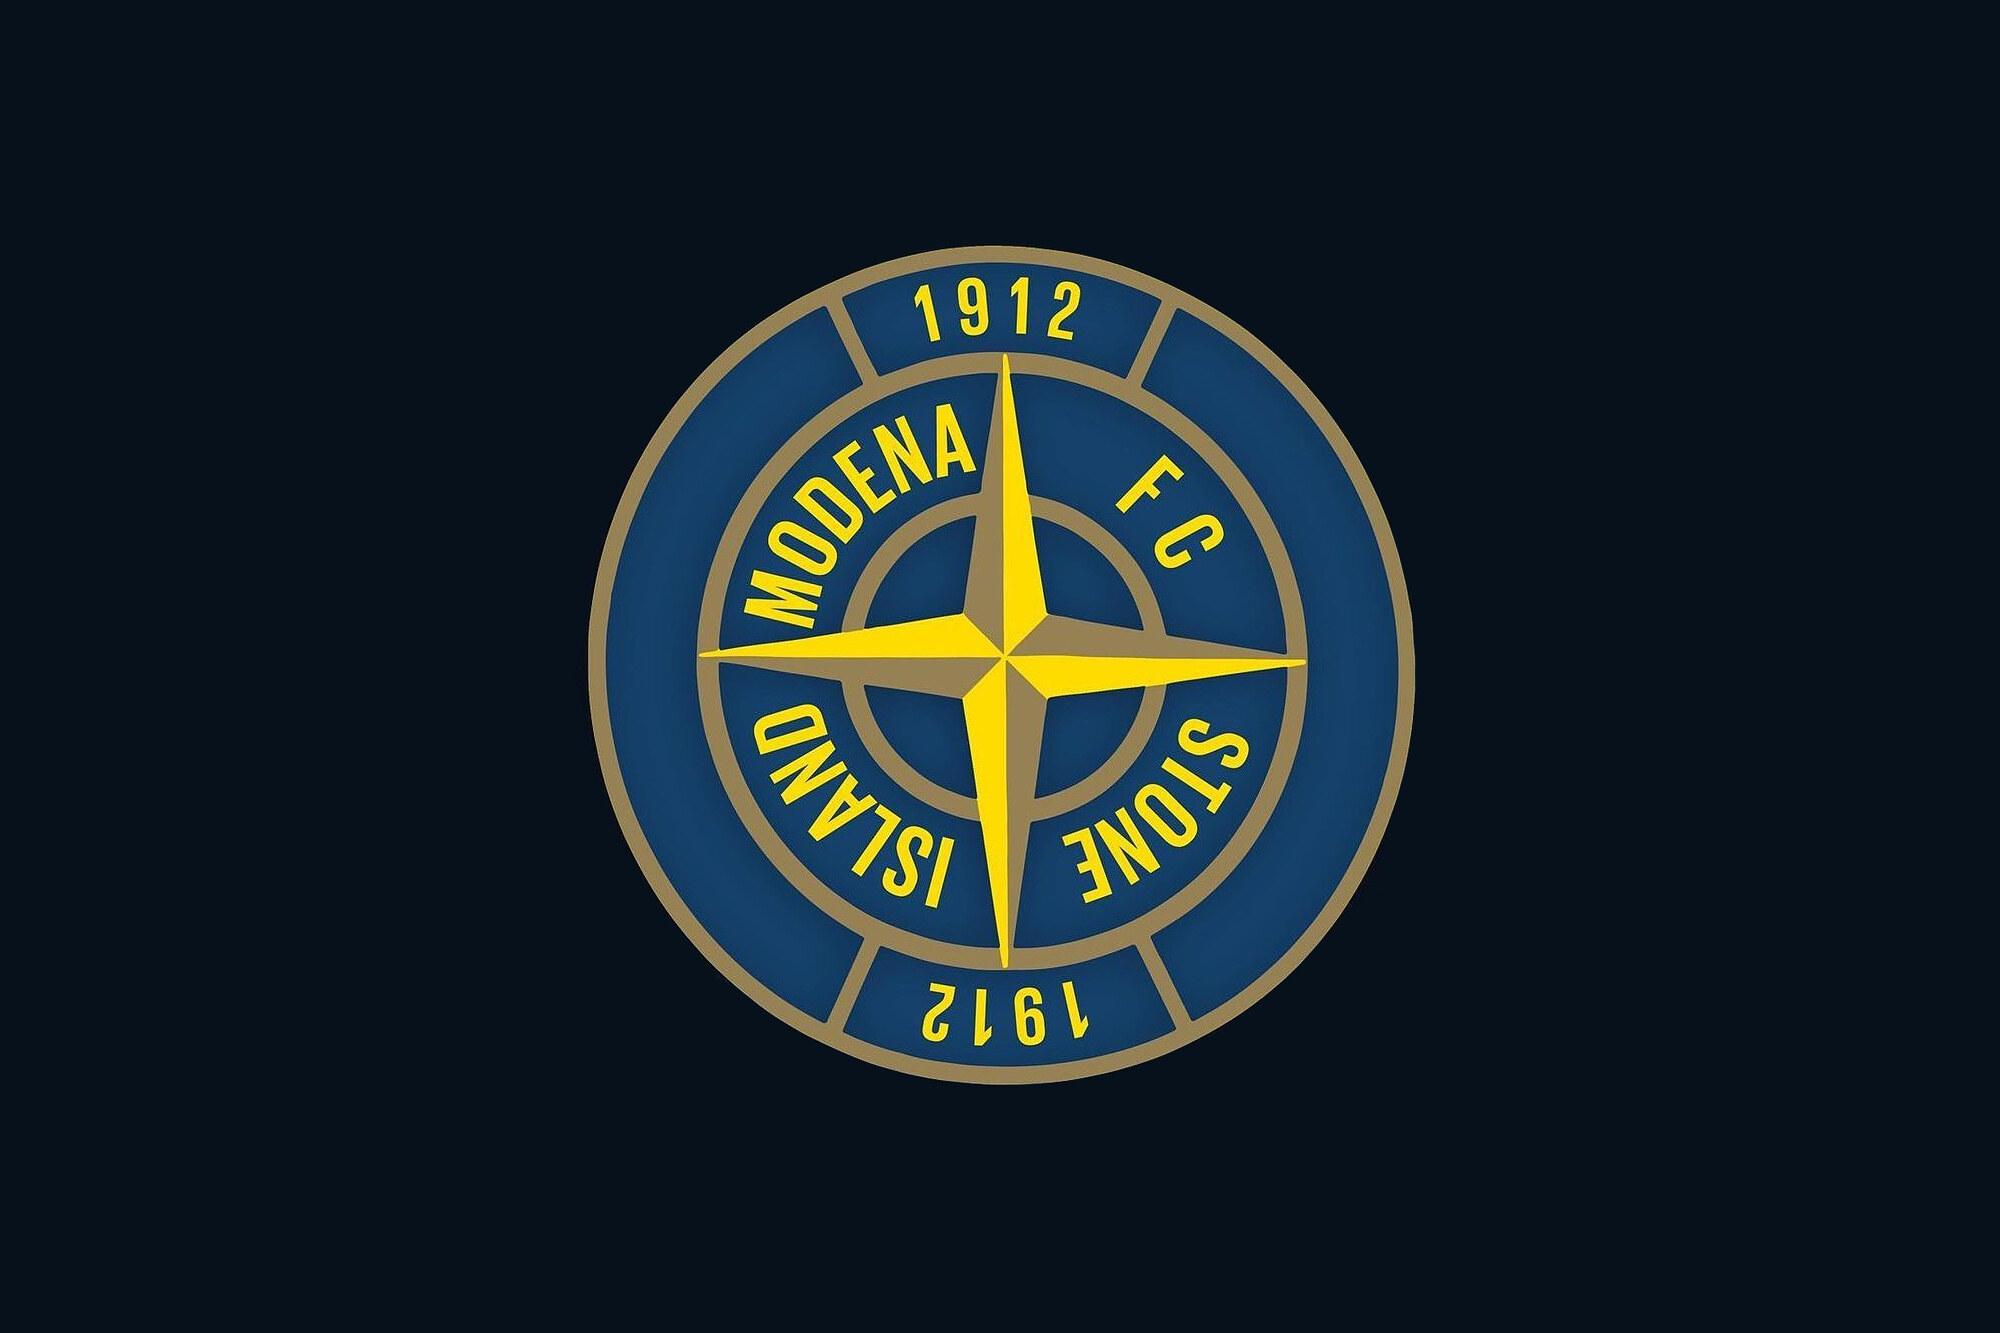 Stone Island x Modena F.C.